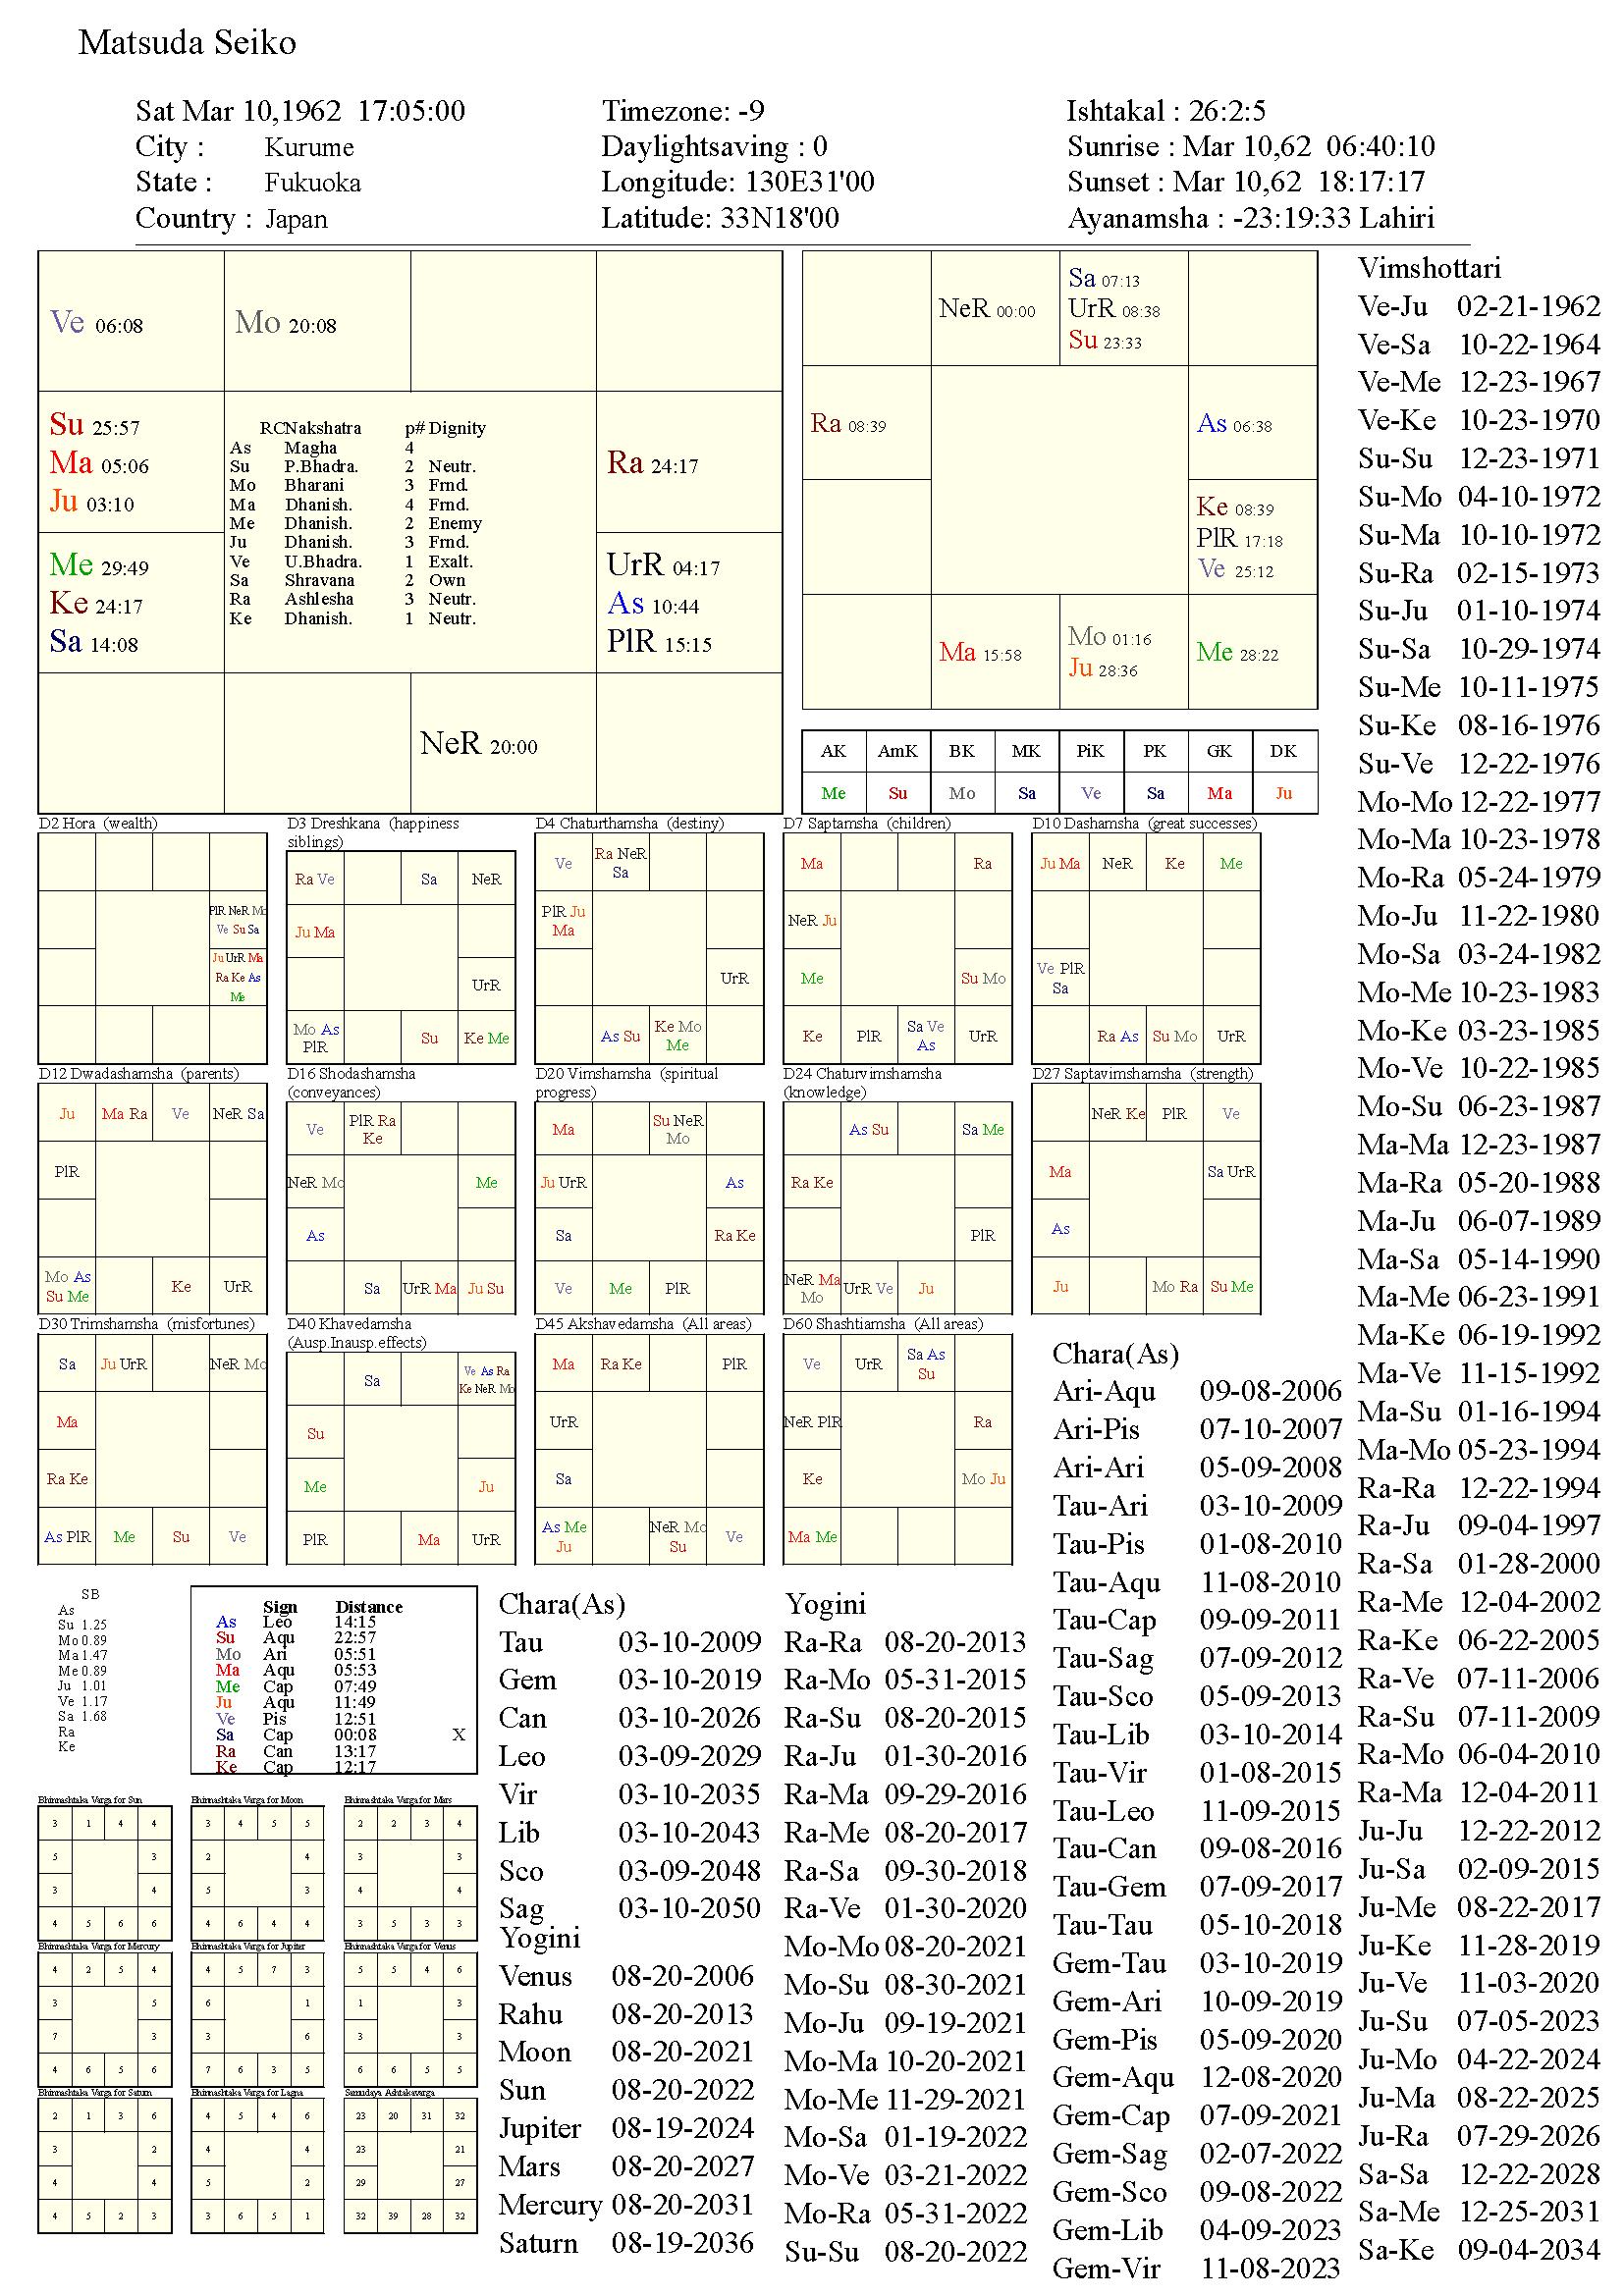 matsudaseiko_chart